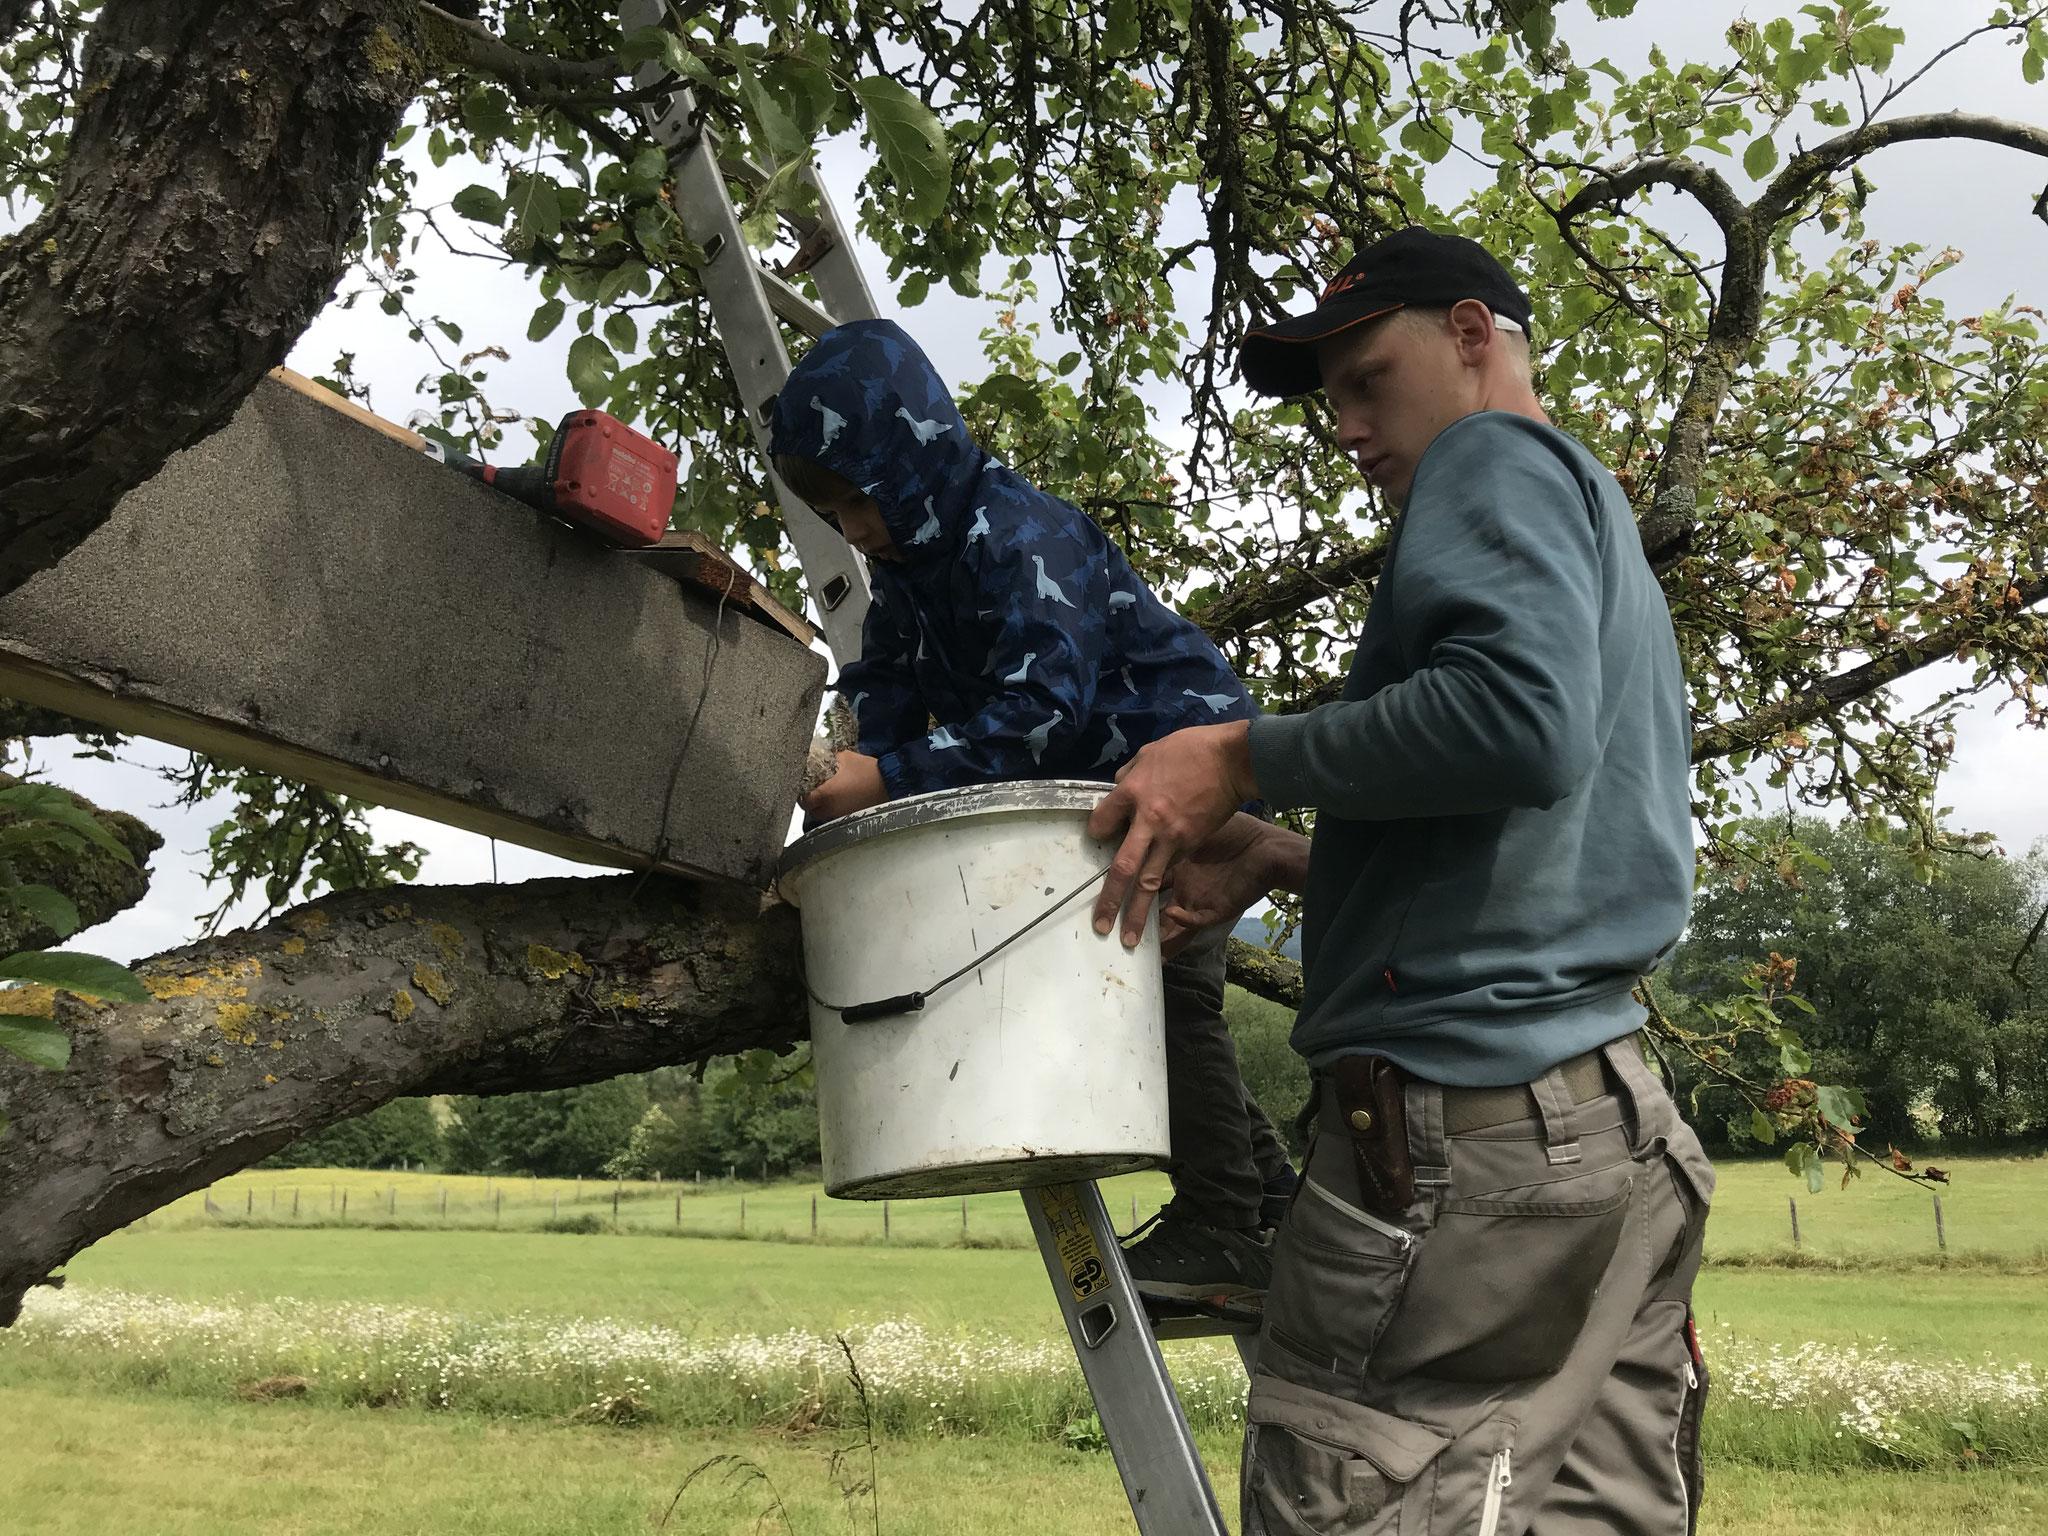 Kleine Hände helfen Leonard beim einsetzen der Küken in den Kasten